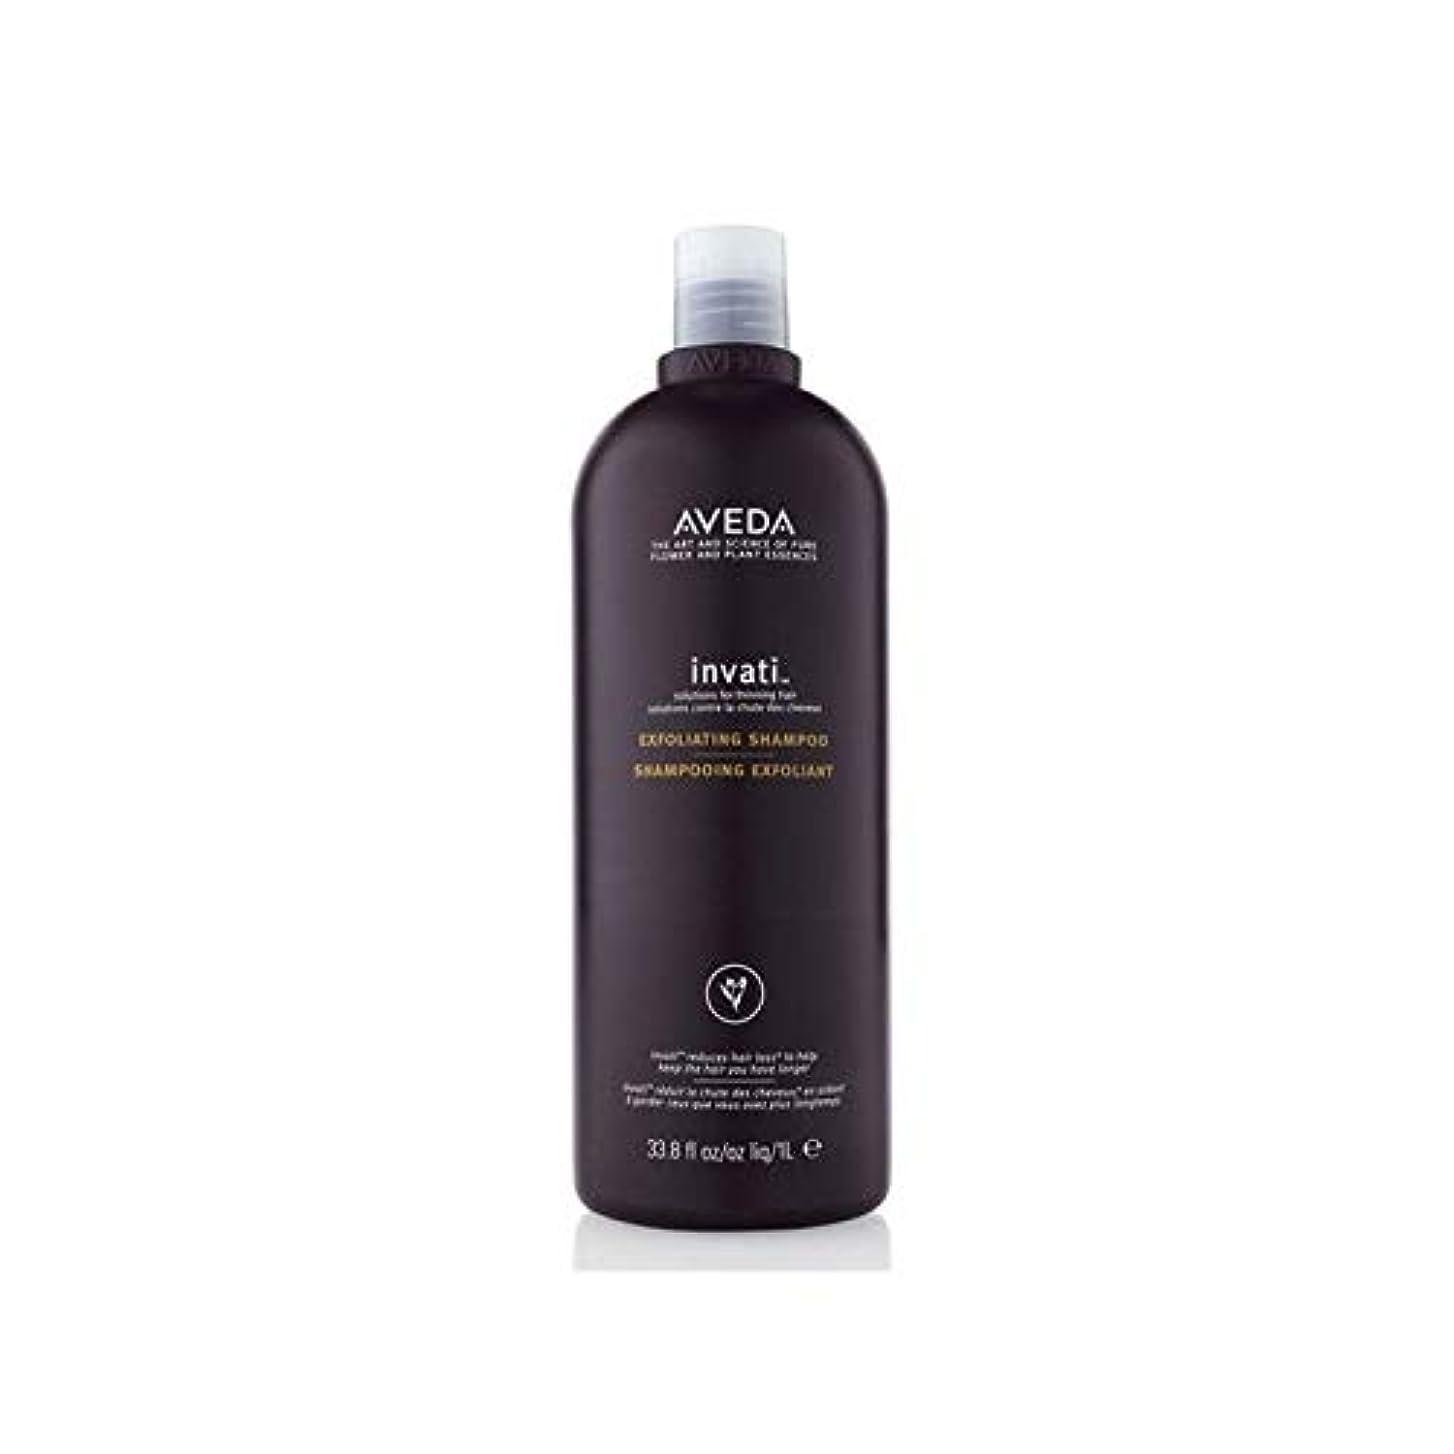 熟練した撤退ファン[AVEDA ] アヴェダInvatiシャンプー(千ミリリットル) - Aveda Invati Shampoo (1000ml) [並行輸入品]